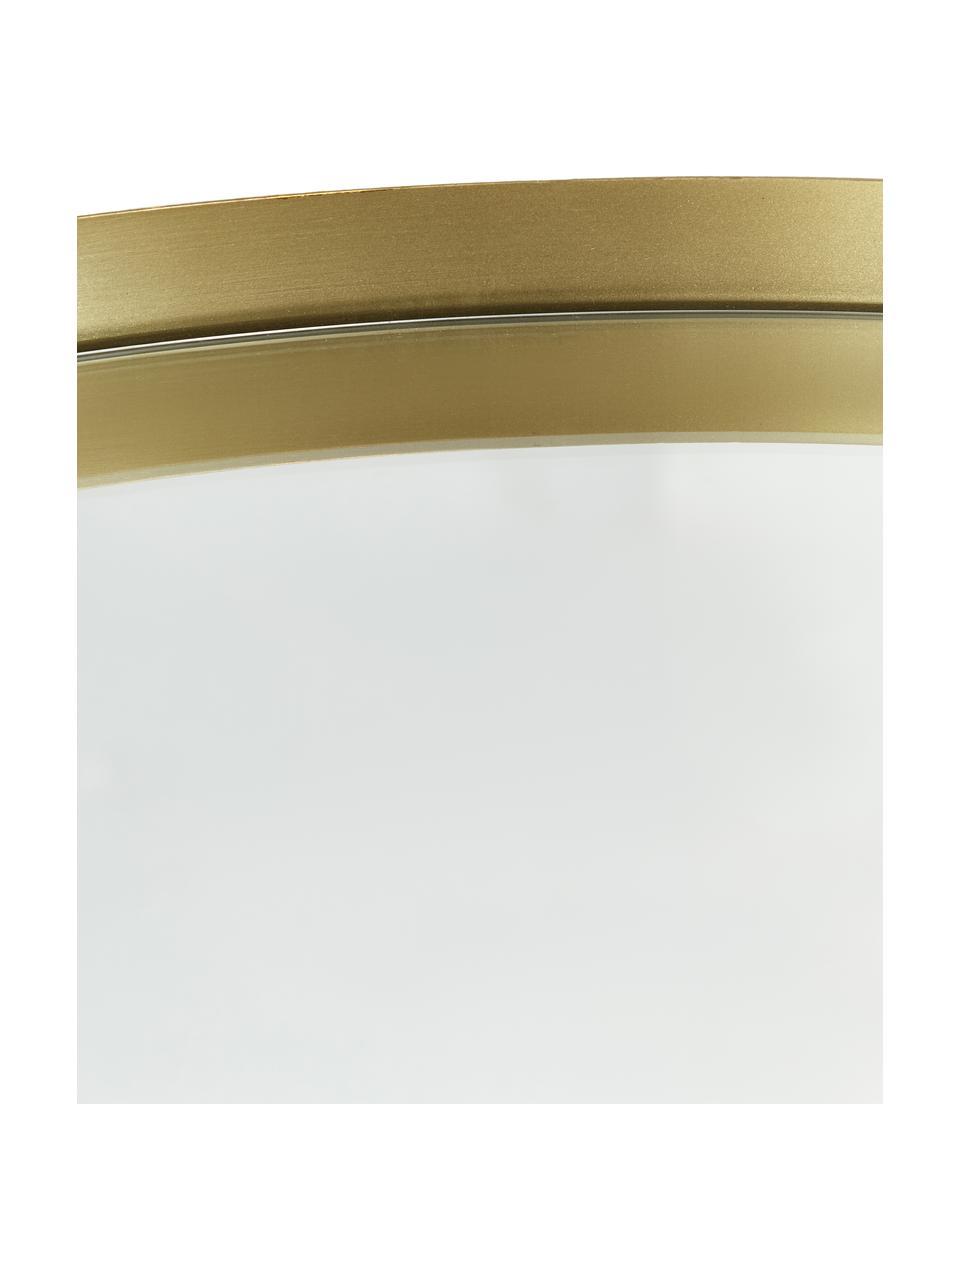 Runder Wandspiegel Ivy mit Goldrahmen, Rahmen: Metall, vermessingt, Spiegelfläche: Spiegelglas, Rückseite: Mitteldichte Holzfaserpla, Messing, Ø 40 cm